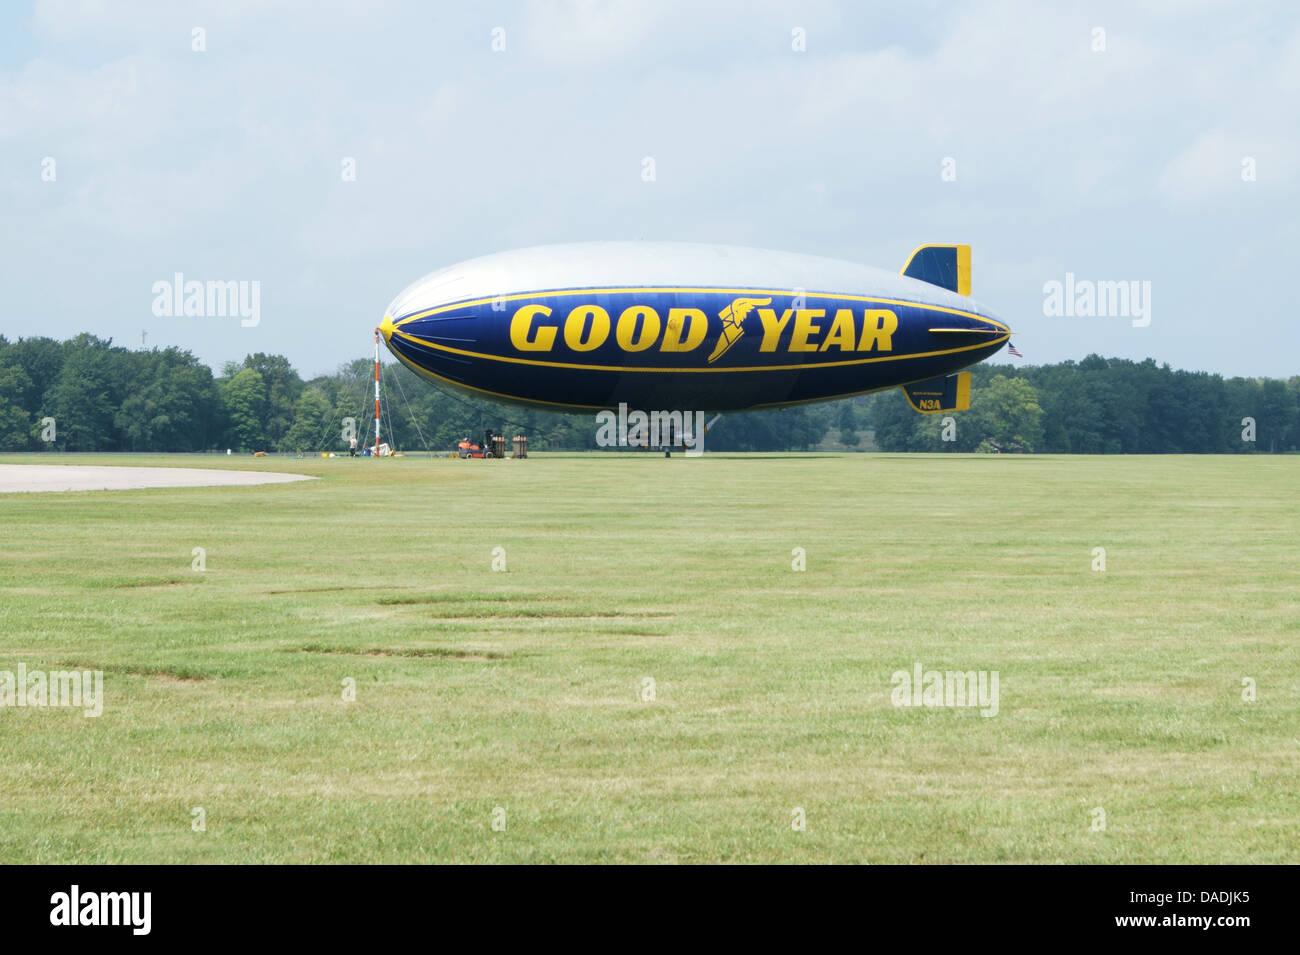 Goodyear Blimp in Akron, Ohio, USA. - Stock Image